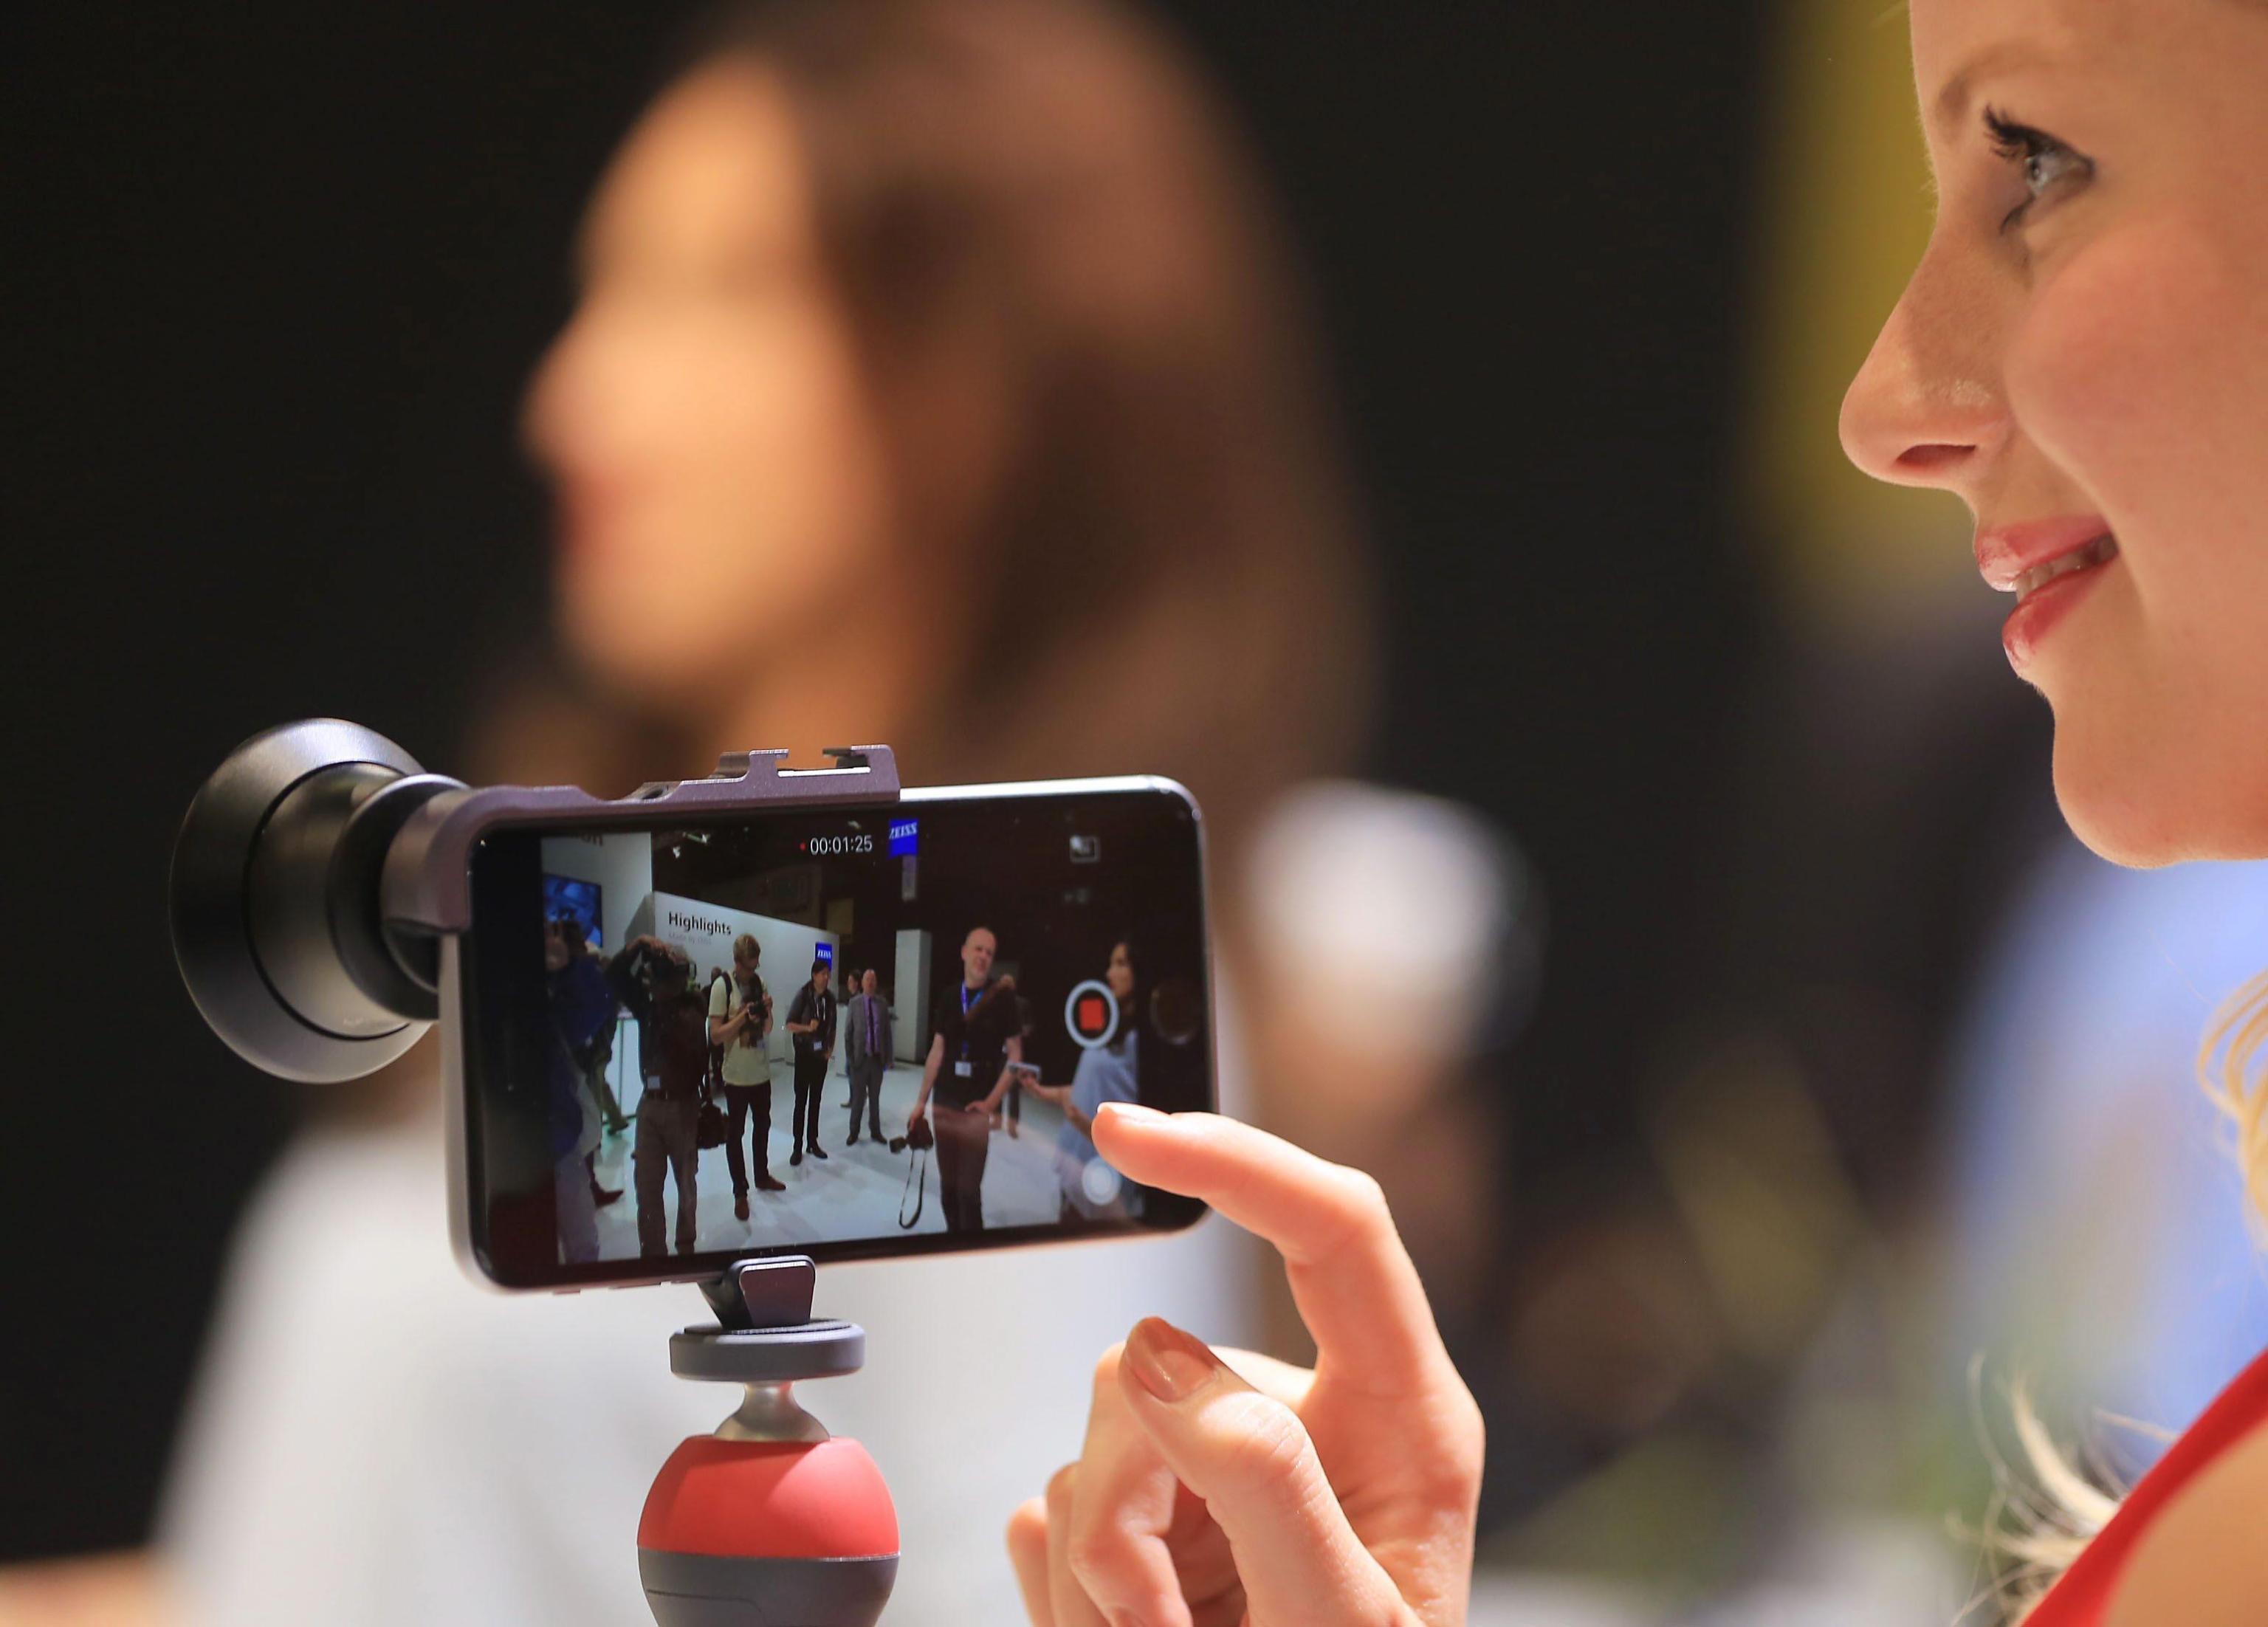 I migliori smartphone fino a 800 euro da comprare nel 2017